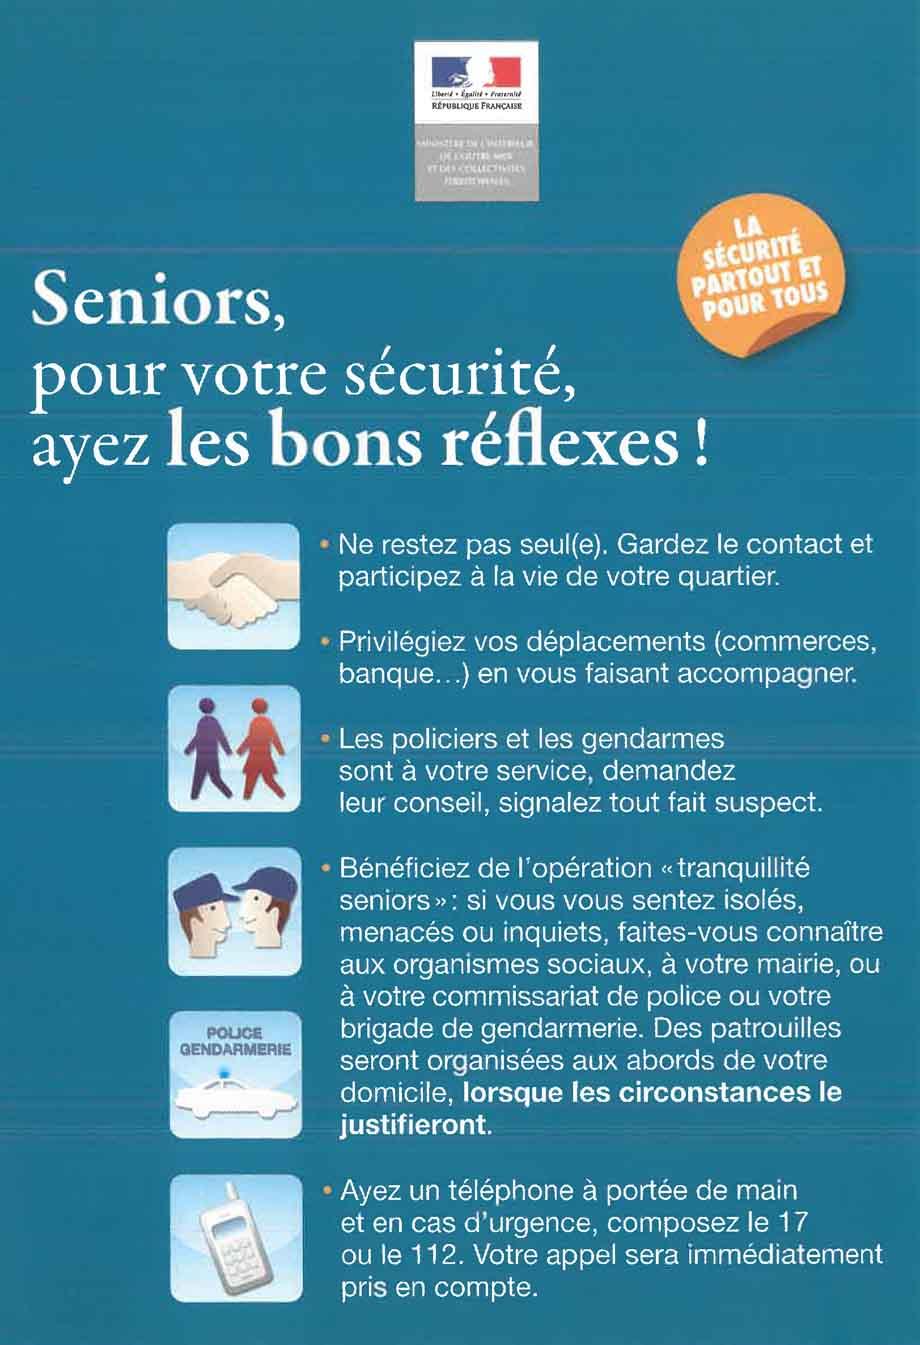 Seniors ayez les bons reflexes